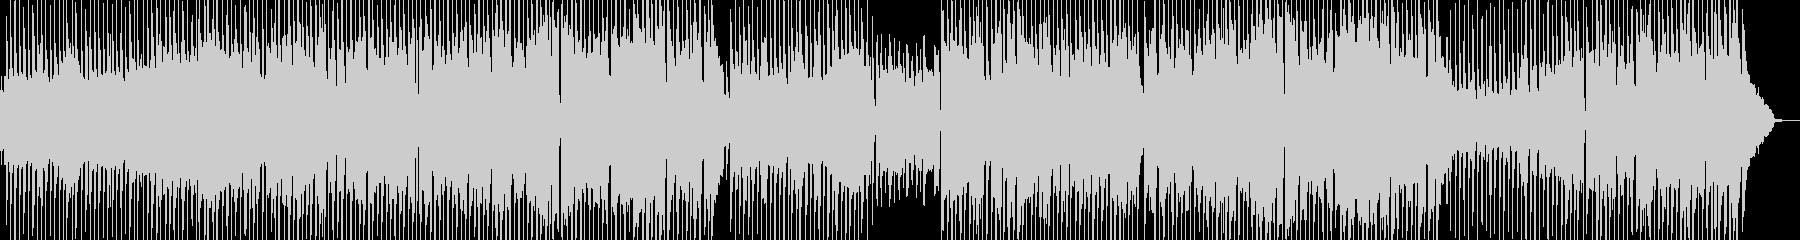 日常的・ほのぼの打楽器ポップス 長尺の未再生の波形